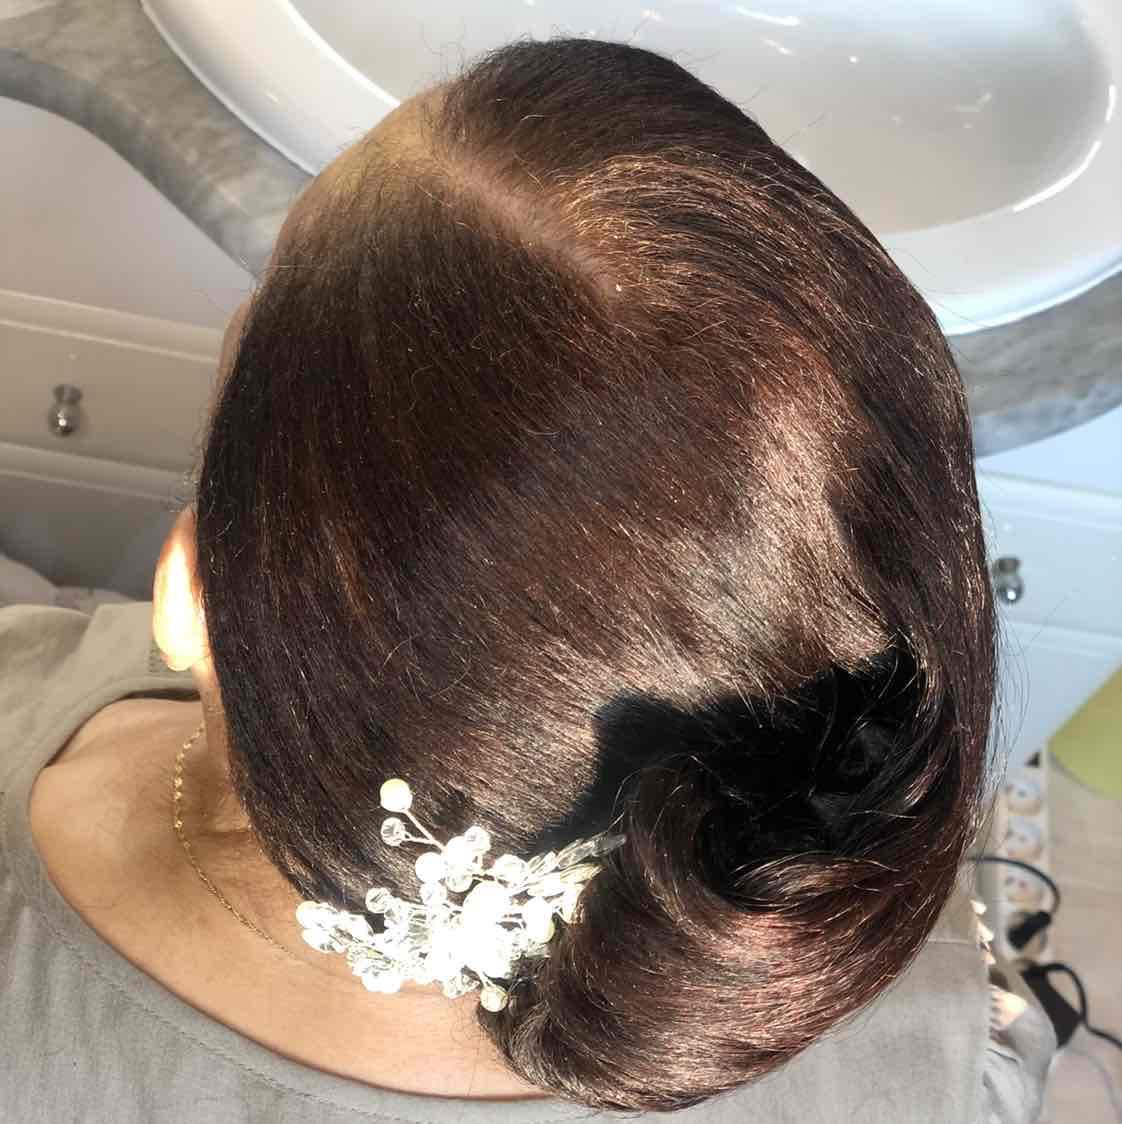 salon de coiffure afro tresse tresses box braids crochet braids vanilles tissages paris 75 77 78 91 92 93 94 95 DJCTRKRQ